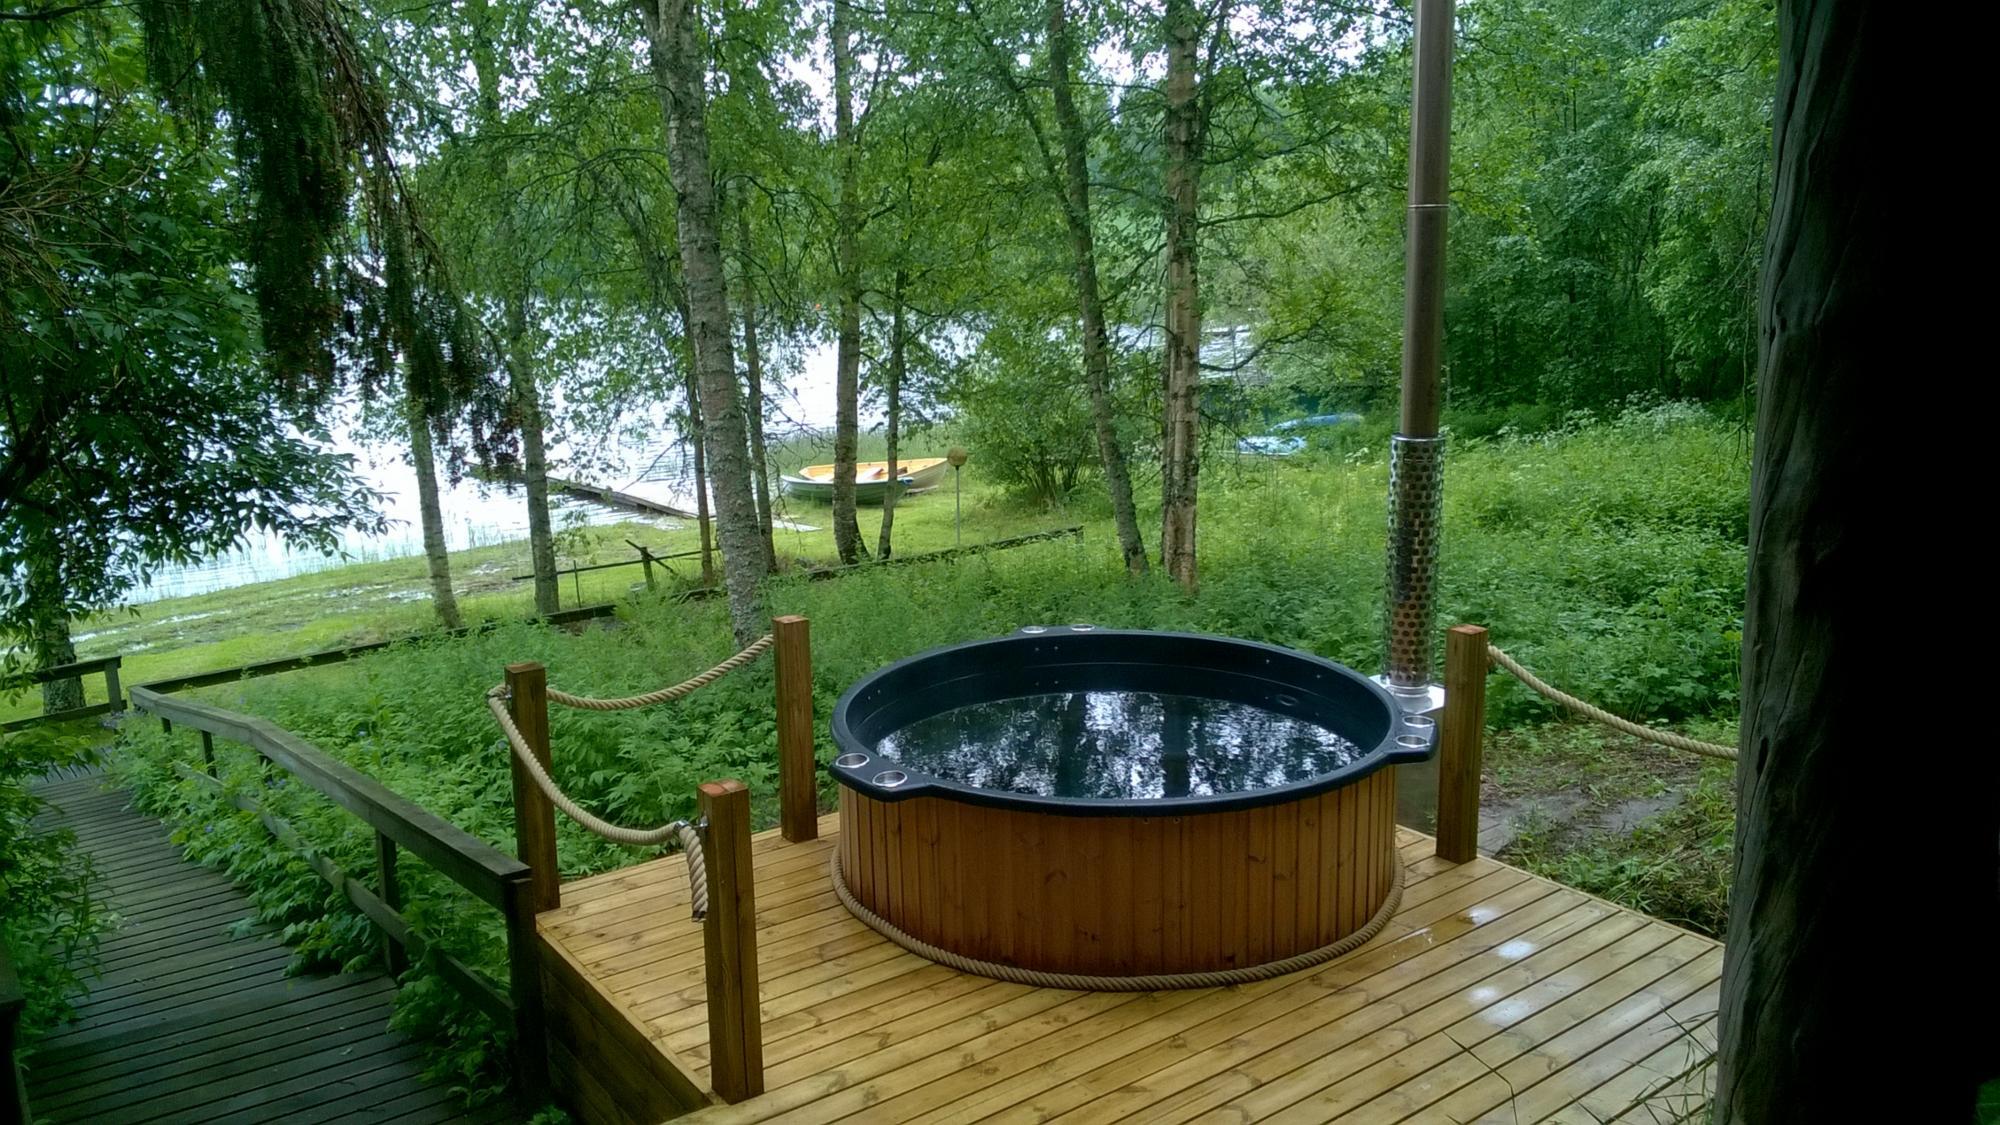 Rantasaunalla kylpytynnyri 150 euroa/lämmitys.